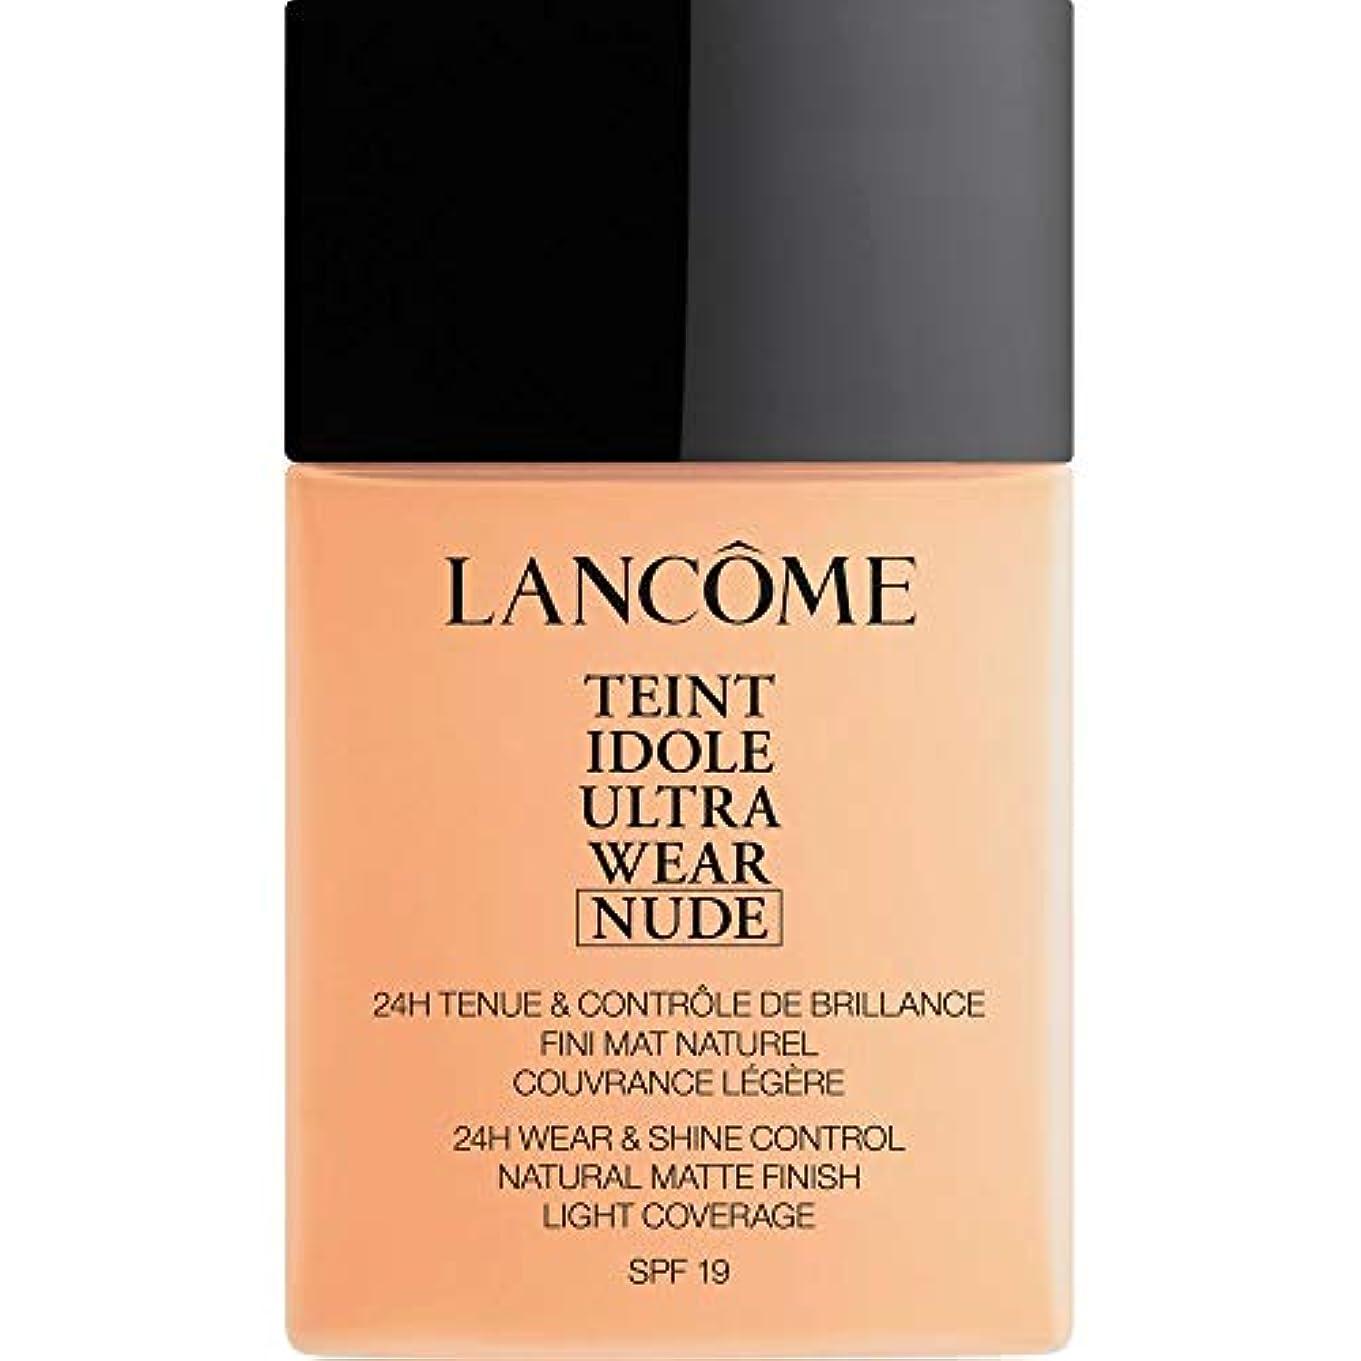 ボイコット必要性死ぬ[Lanc?me ] ランコムTeintのIdole超ヌード財団Spf19の40ミリリットル024を着る - ベージュヴァニラを - Lancome Teint Idole Ultra Wear Nude Foundation...